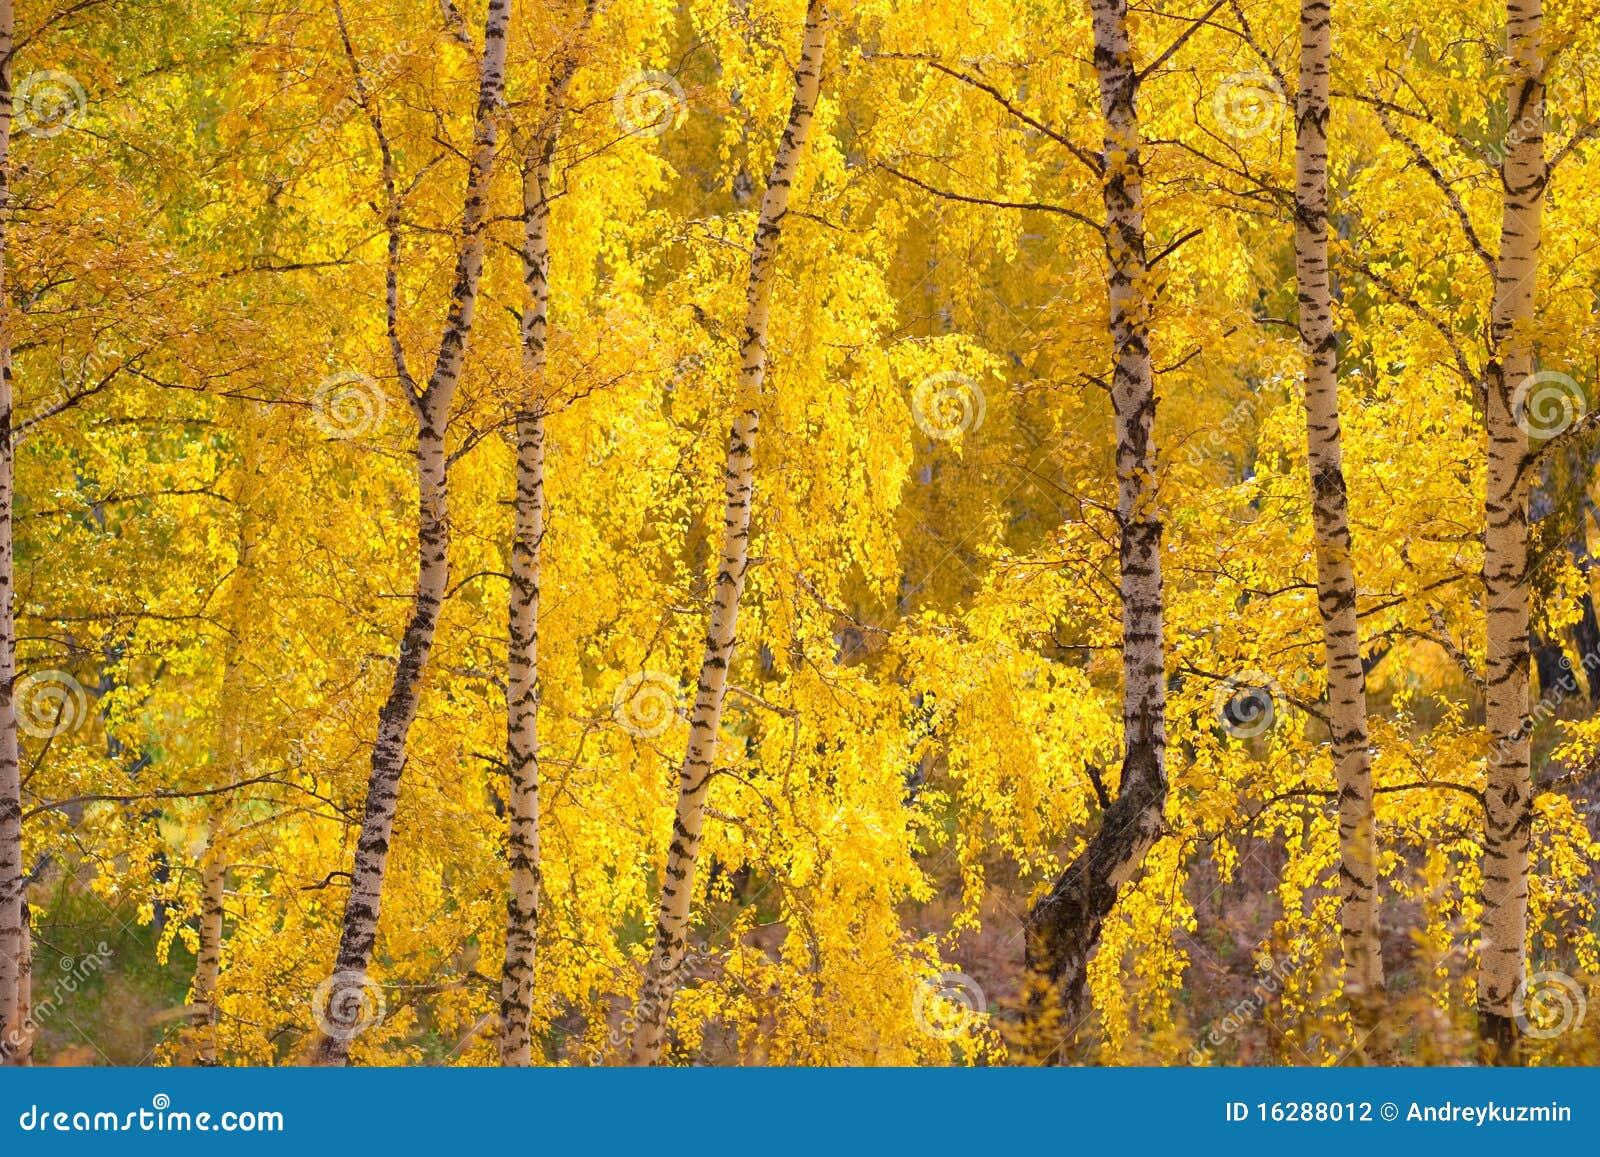 geel de berkenbos van de herfst 16288012 - Berkenbos Behang